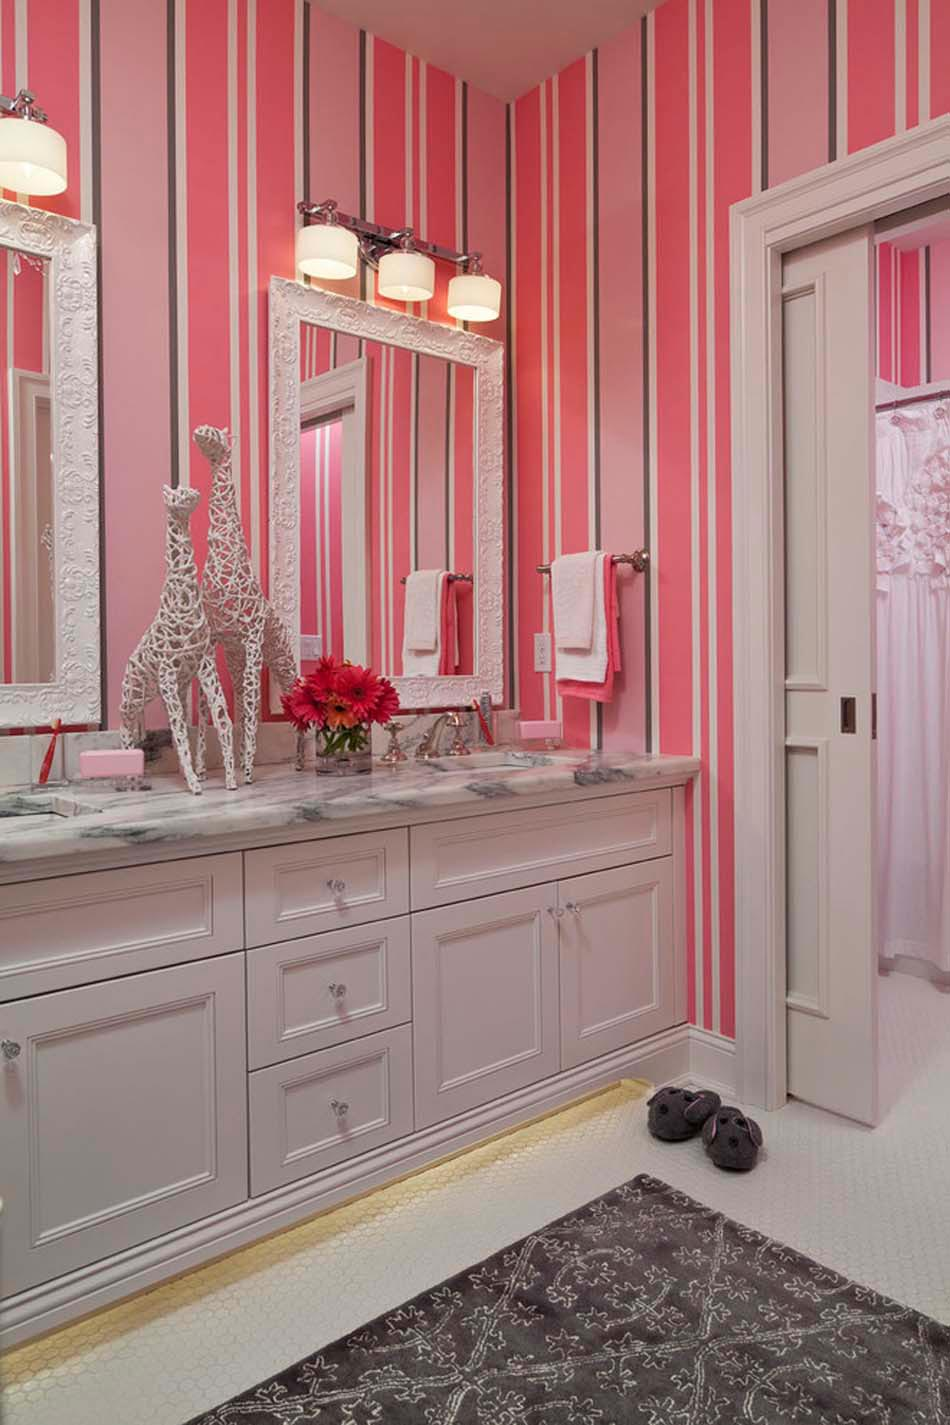 Decoration Salle De Bain Papier Peint ~ papier peint salle de bain offrant la possibilit de personnaliser